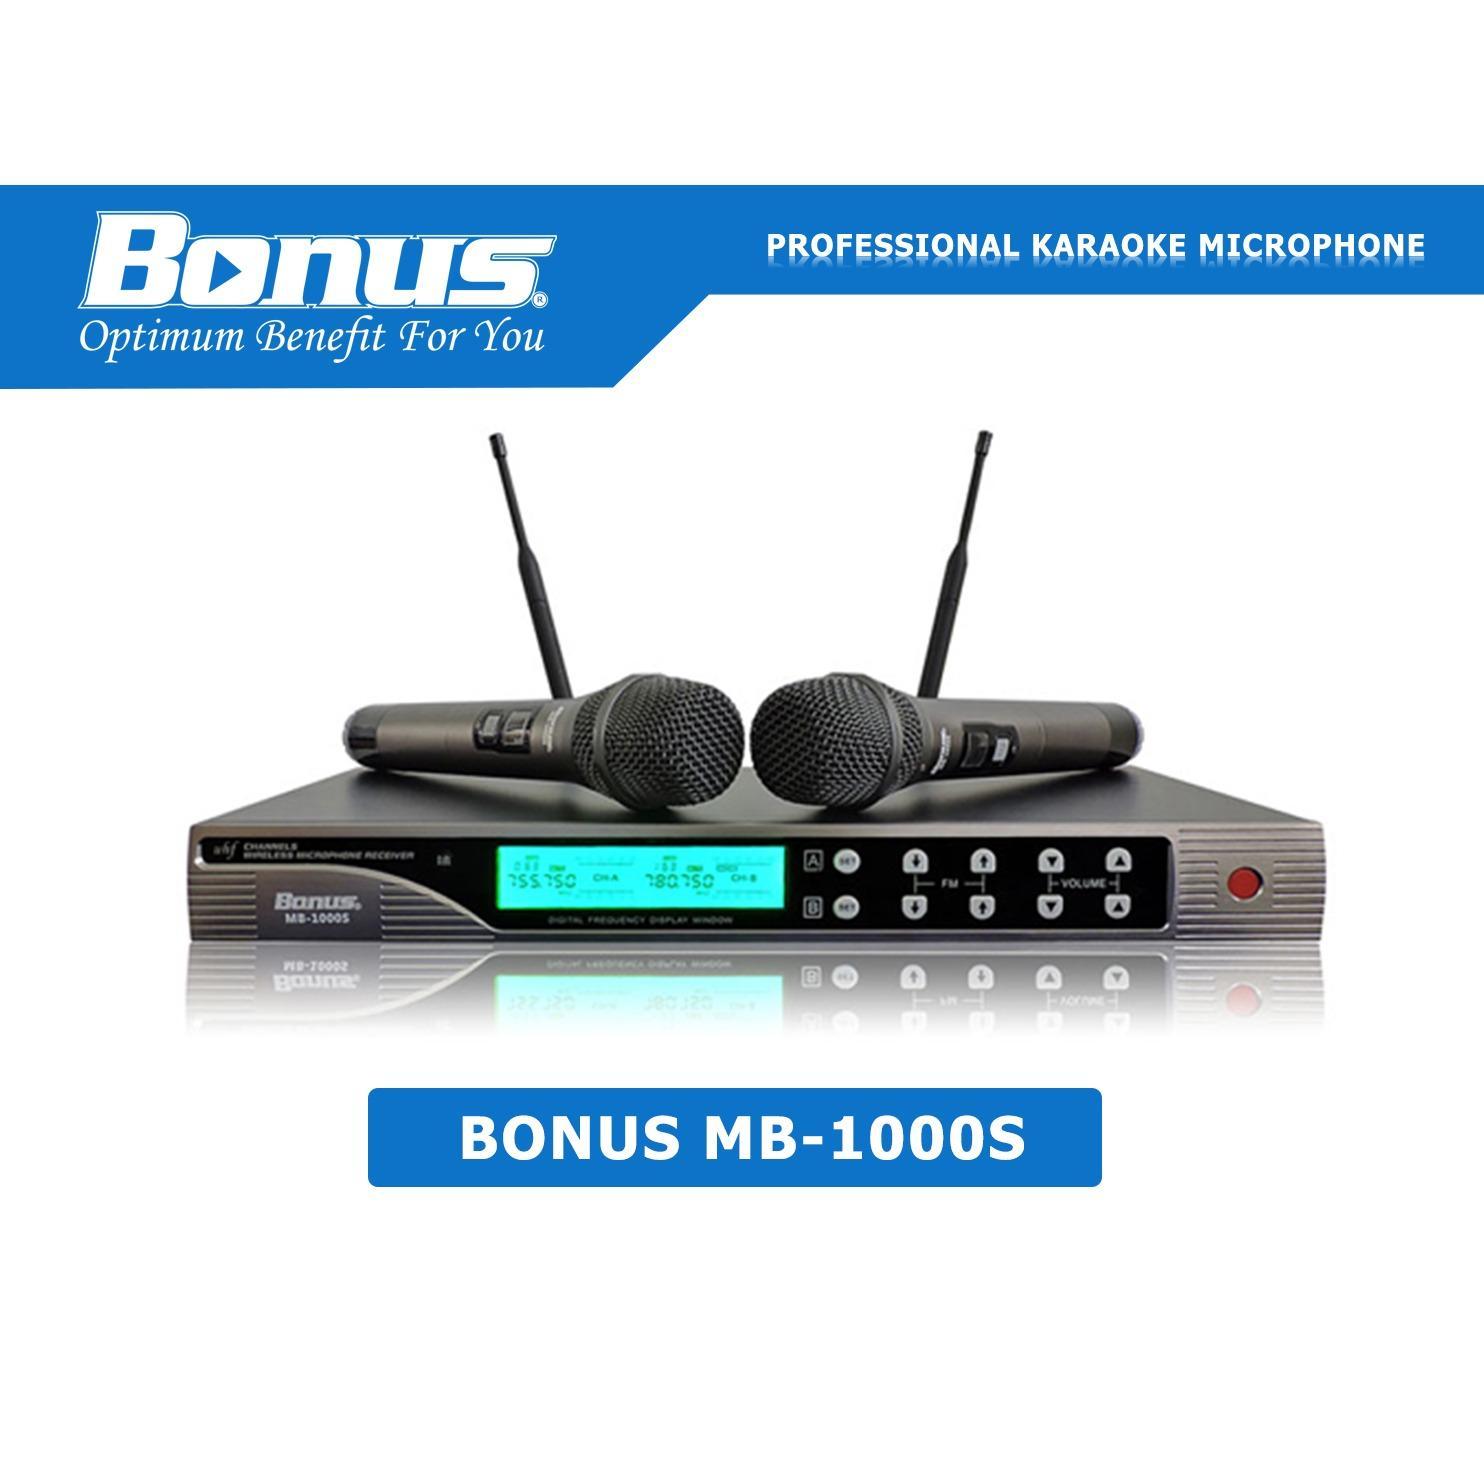 Chiết Khấu Micro Karaoke Bonus Audio Mb 1000S Có Thương Hiệu